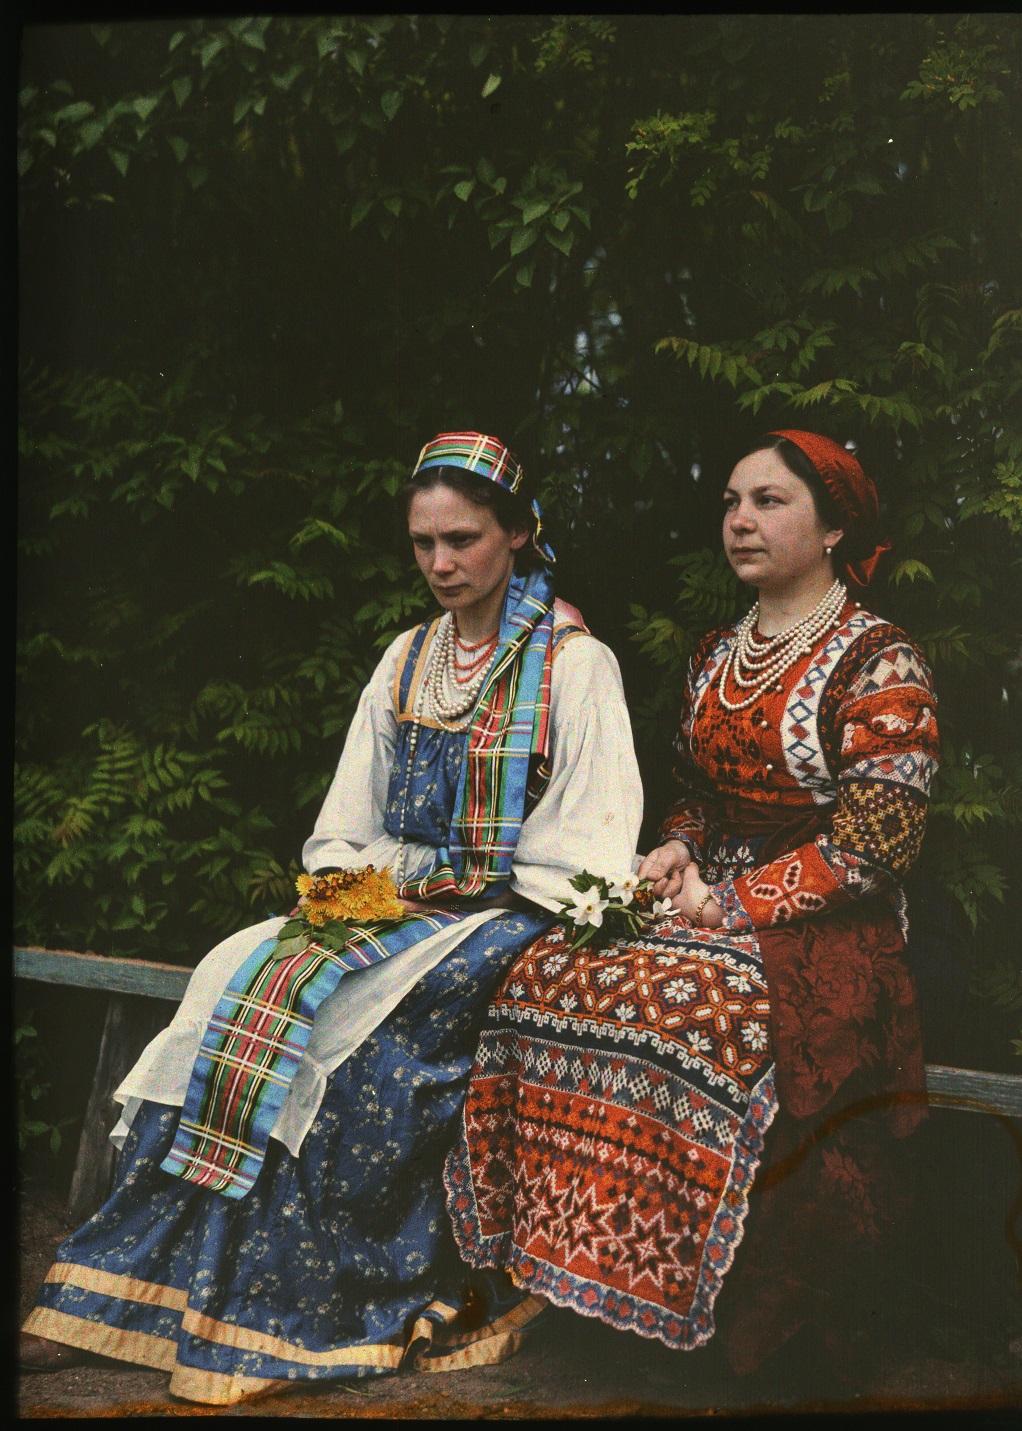 Фото: theatremuseum.ru